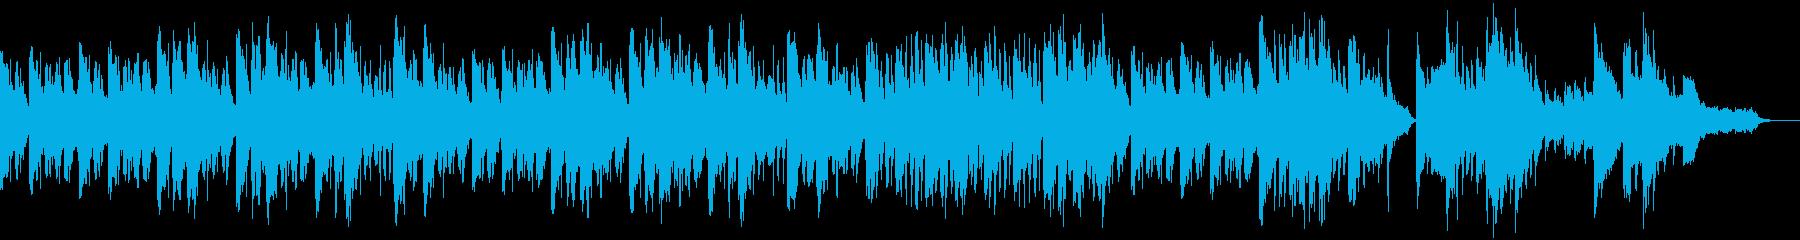 静かでラグジュアリーなクリスマスソングの再生済みの波形